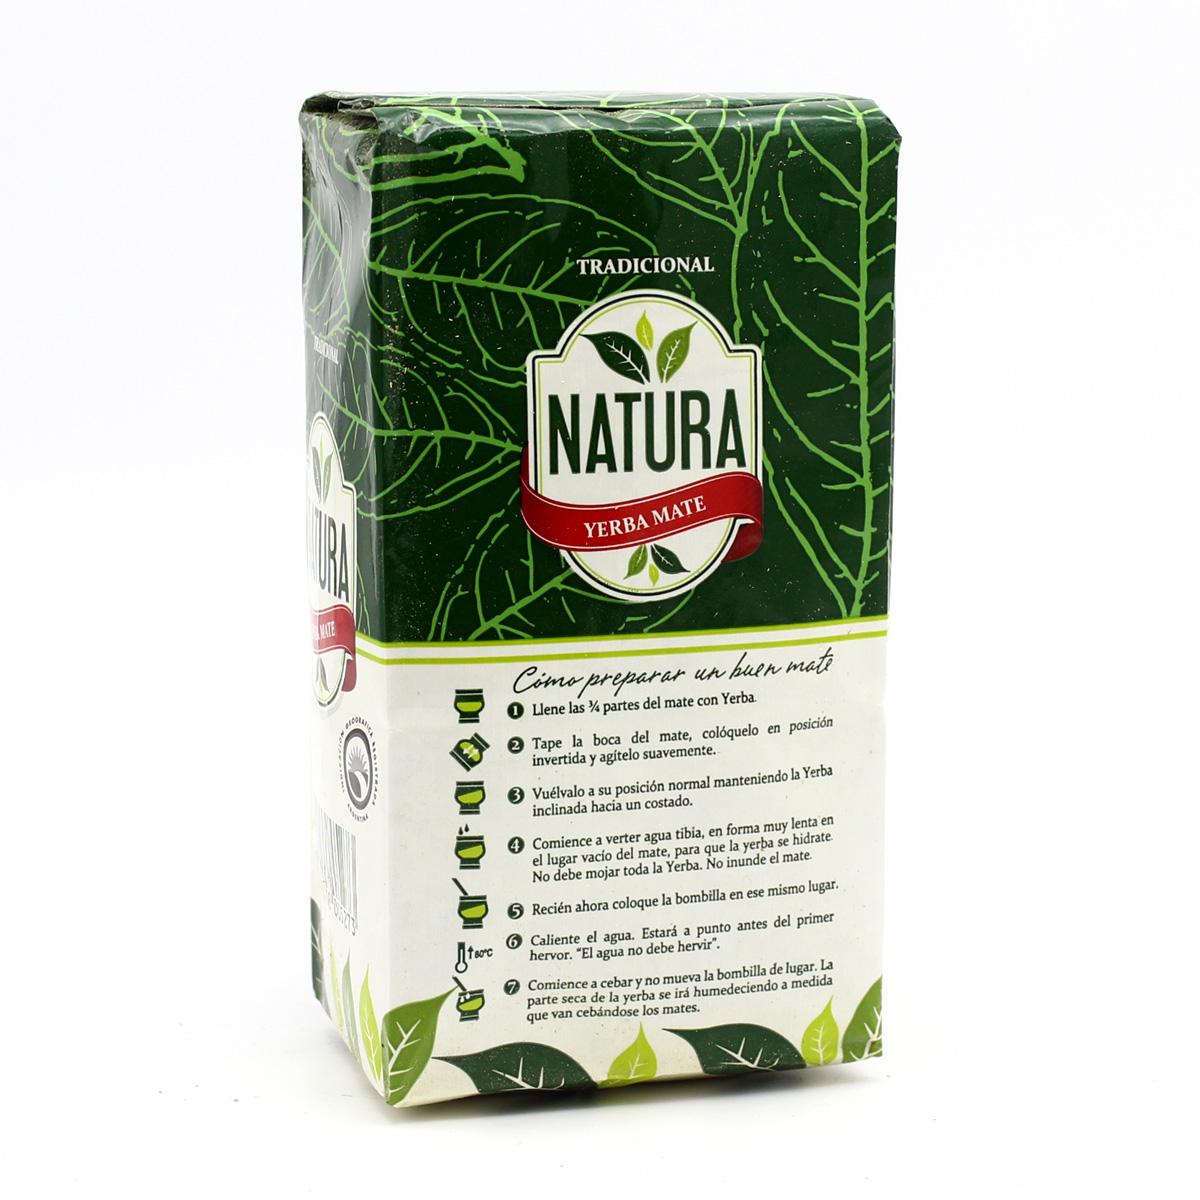 Мате Natura Tradicional (неочищенный)